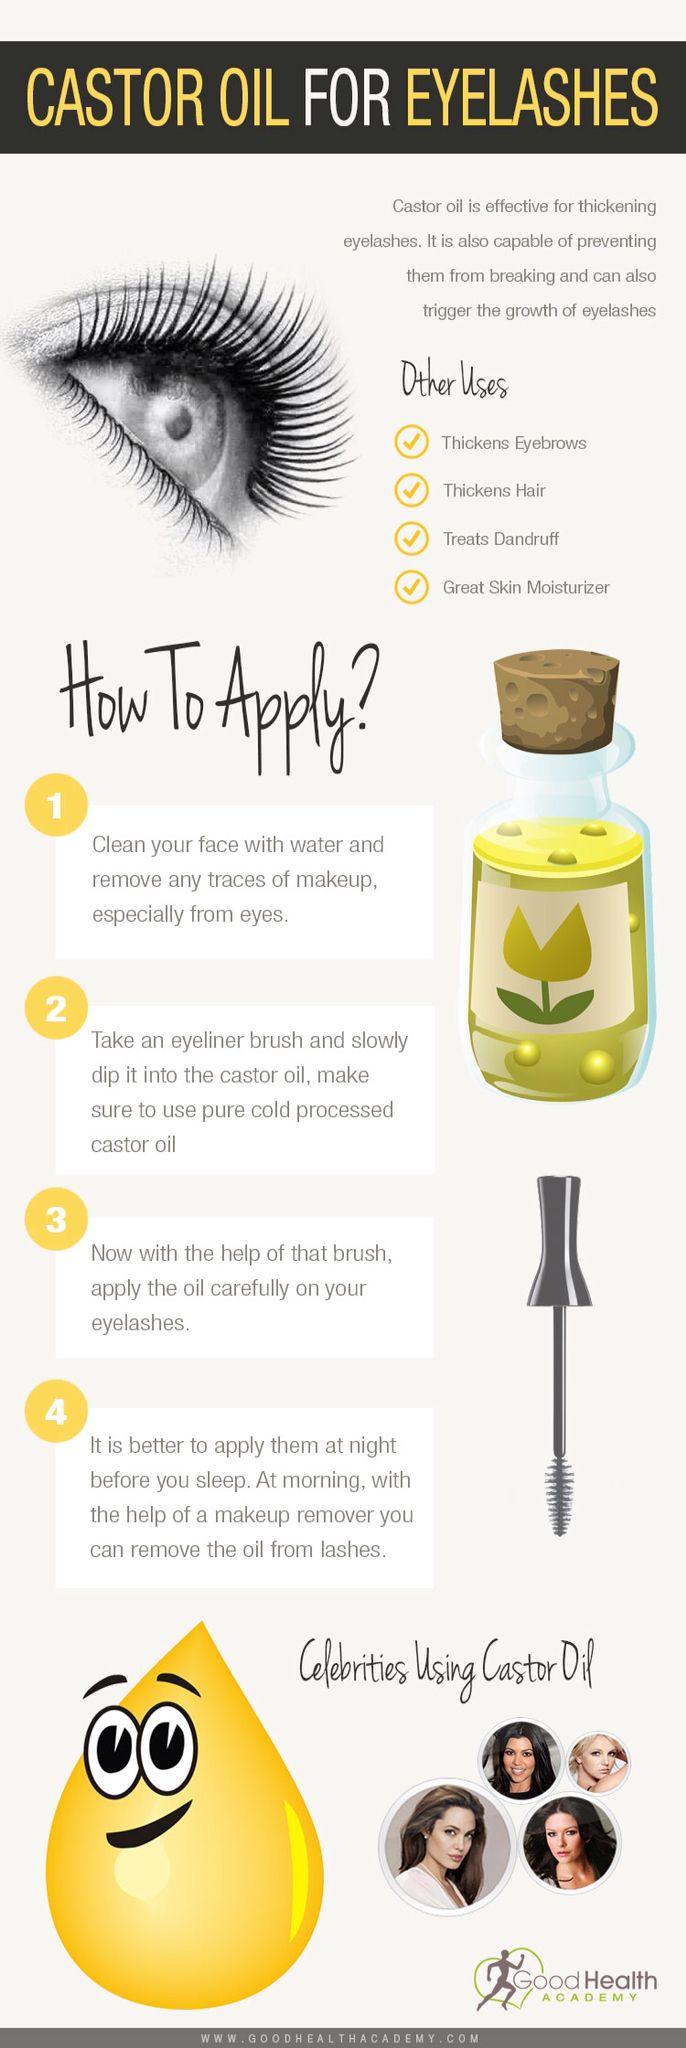 Castor oil application on eyelashes